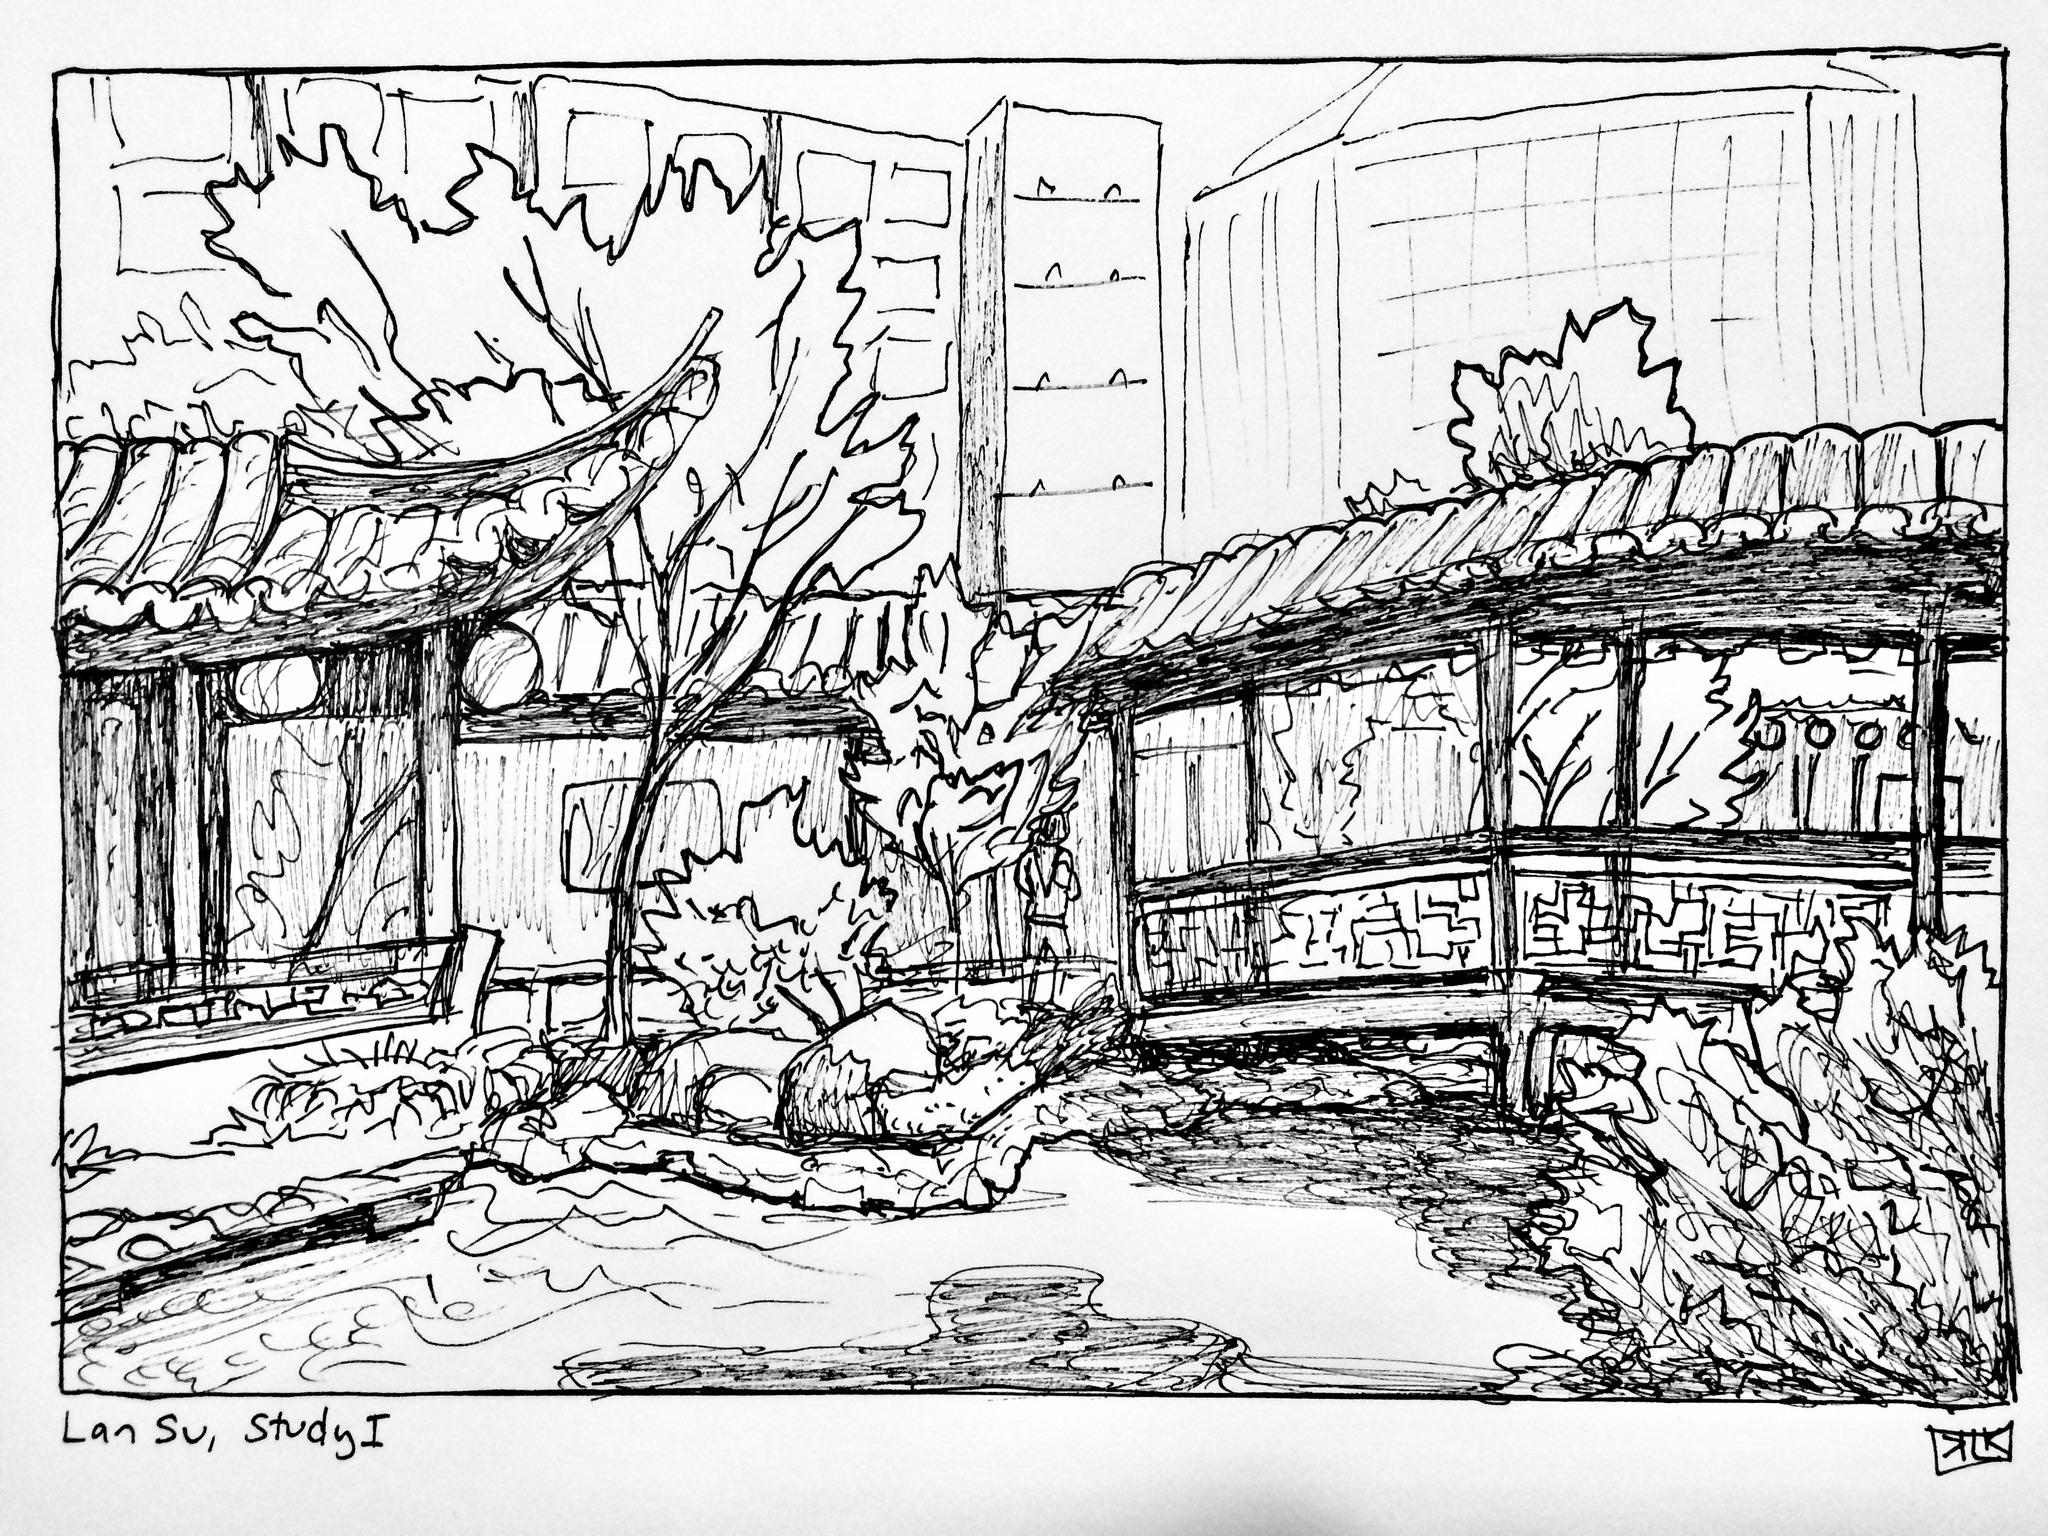 Lan Su sketch